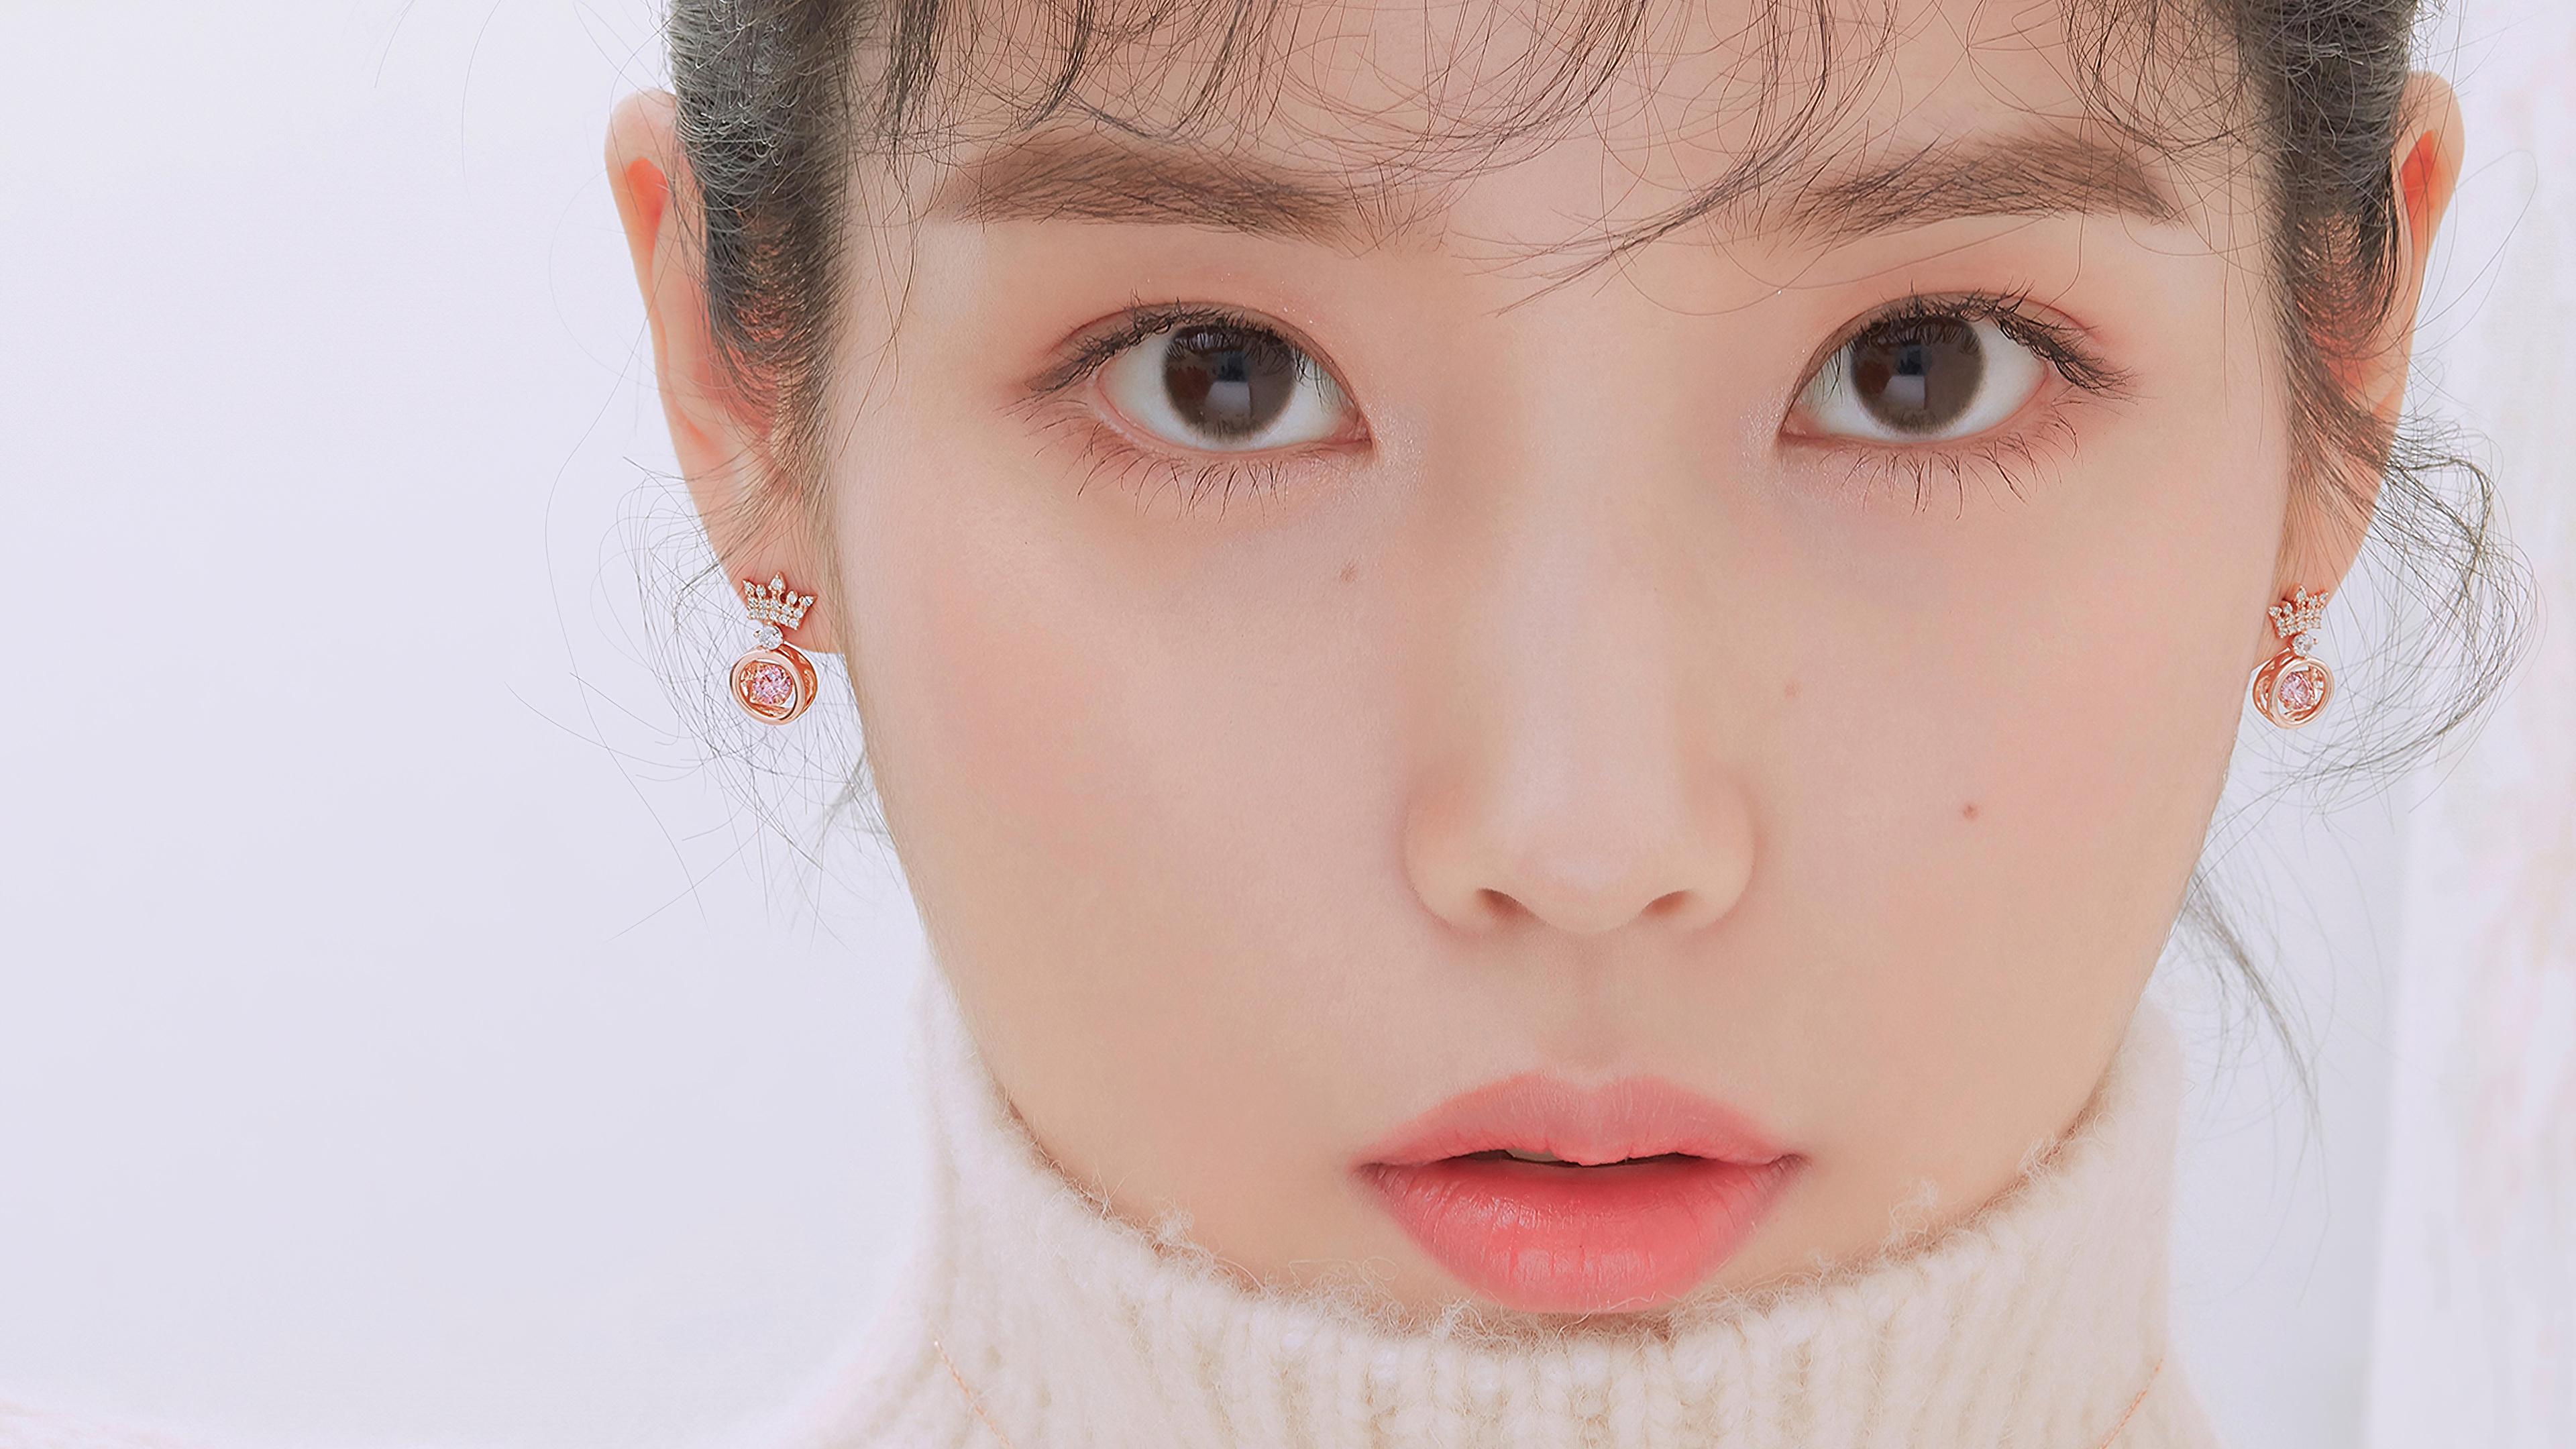 IU Iu Lee Ji Eun Lee Ji Eun Korean Korean Women K Pop Singer Actress Asian Looking At Viewer Closeup 3840x2160